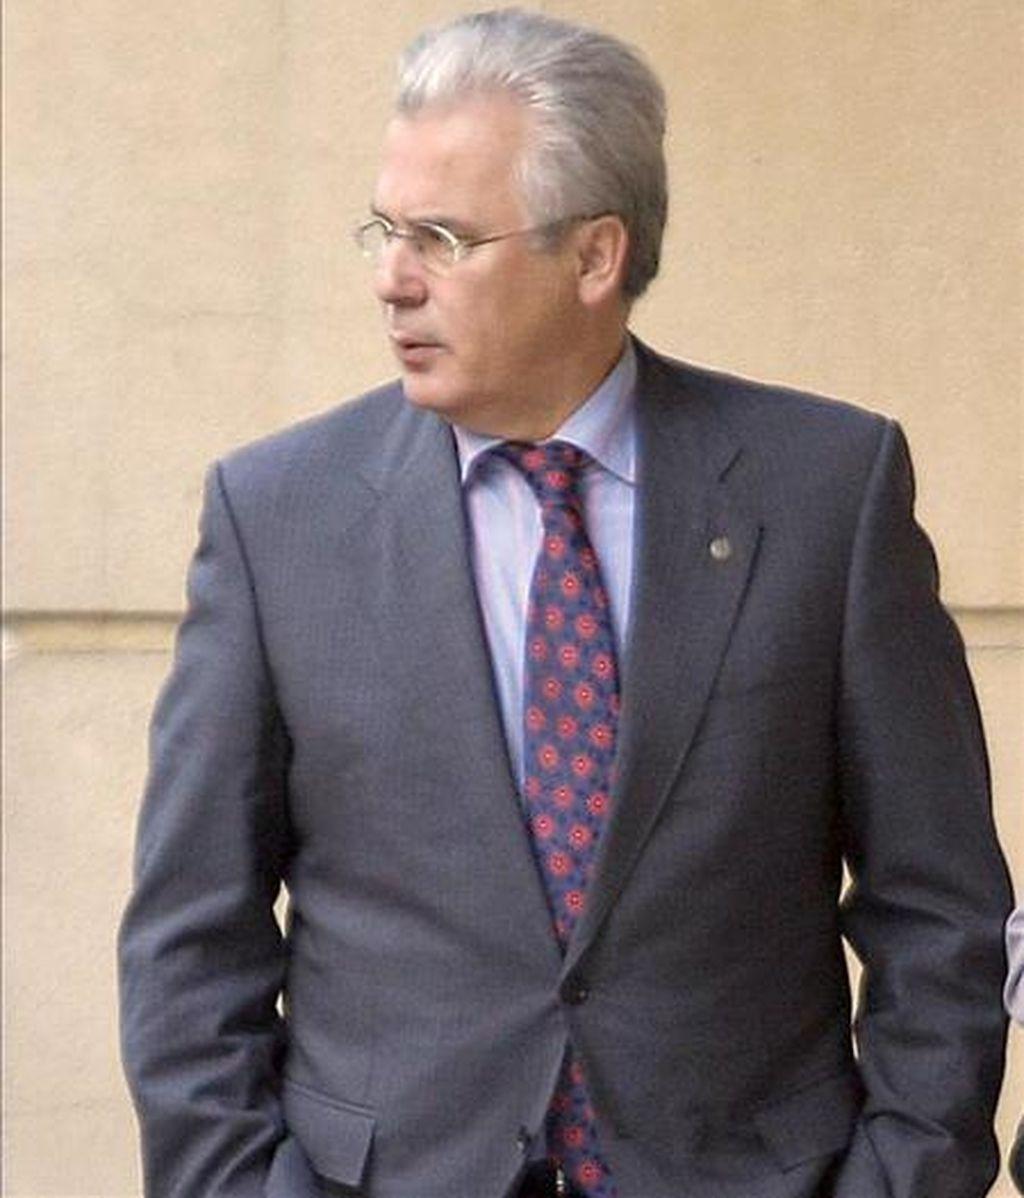 El juez Baltasar Garzón tomará declaración el próximo viernes a Jokin Zerain y Ander Arrue, detenidos el pasado martes en Vitoria y a los que se les atribuye, entre otros actos de violencia callejera, la colocación de un artefacto explosivo contra una instalación telefónica el pasado 11 de mayo en Mendibil (Álava). EFE/Archivo